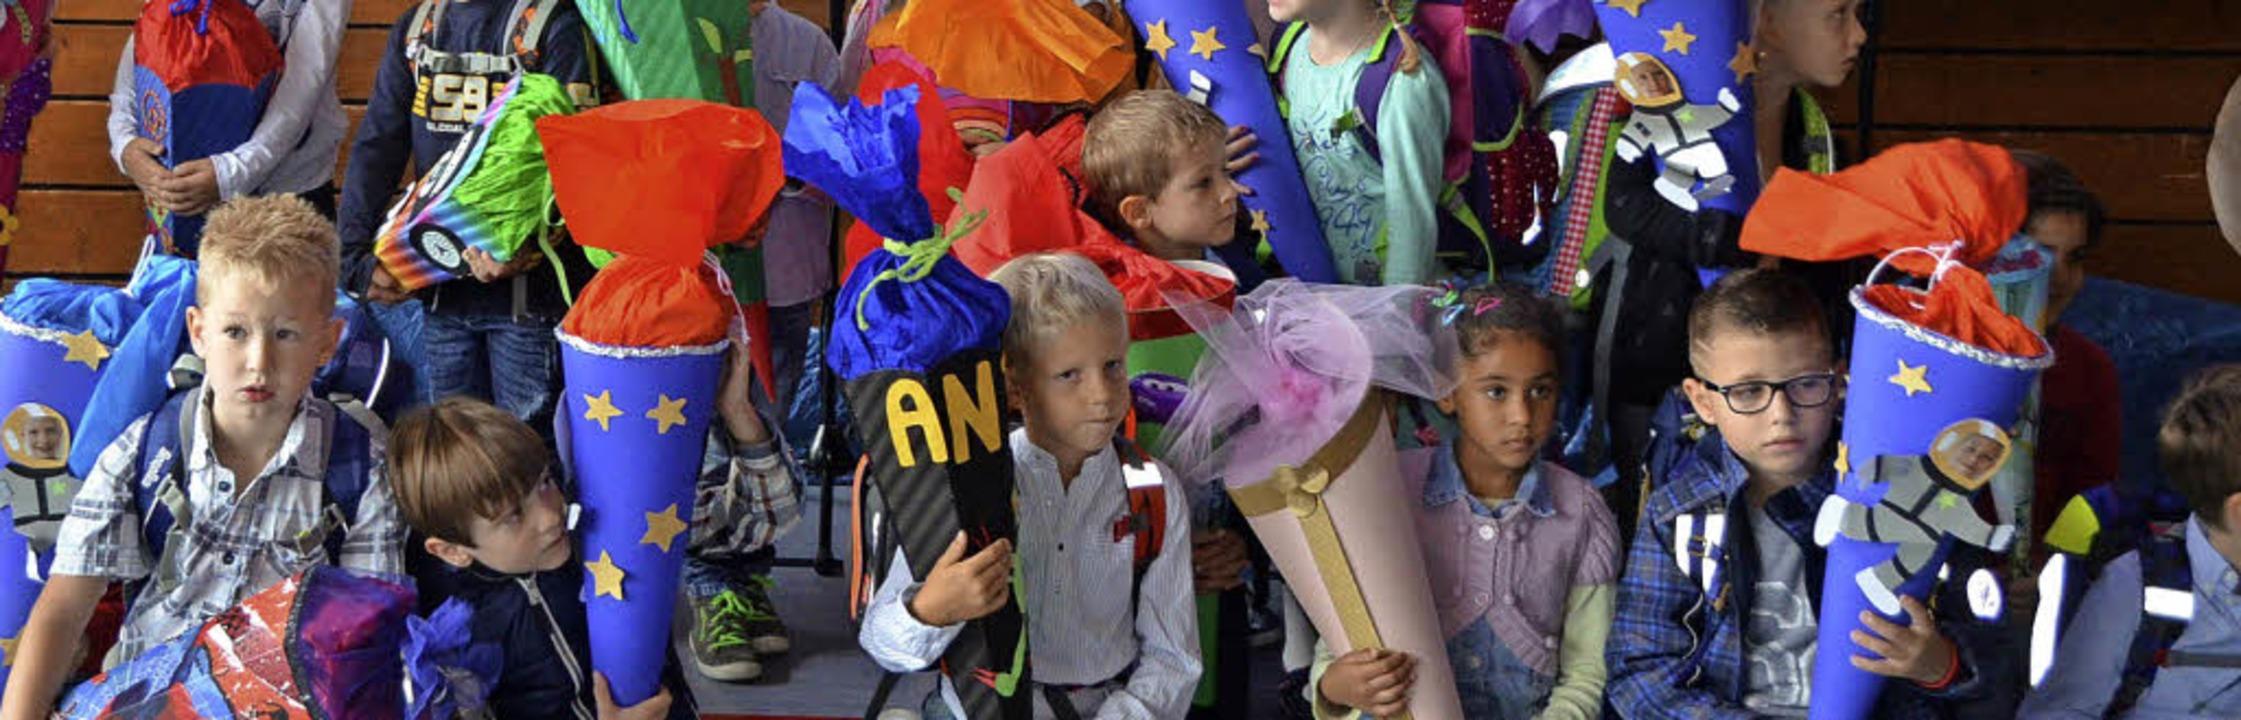 Farbenfroh ging es zu bei der Einschulung der Erstklässler in Schallstadt.    Foto: Marco Felber/Andrea Gallien